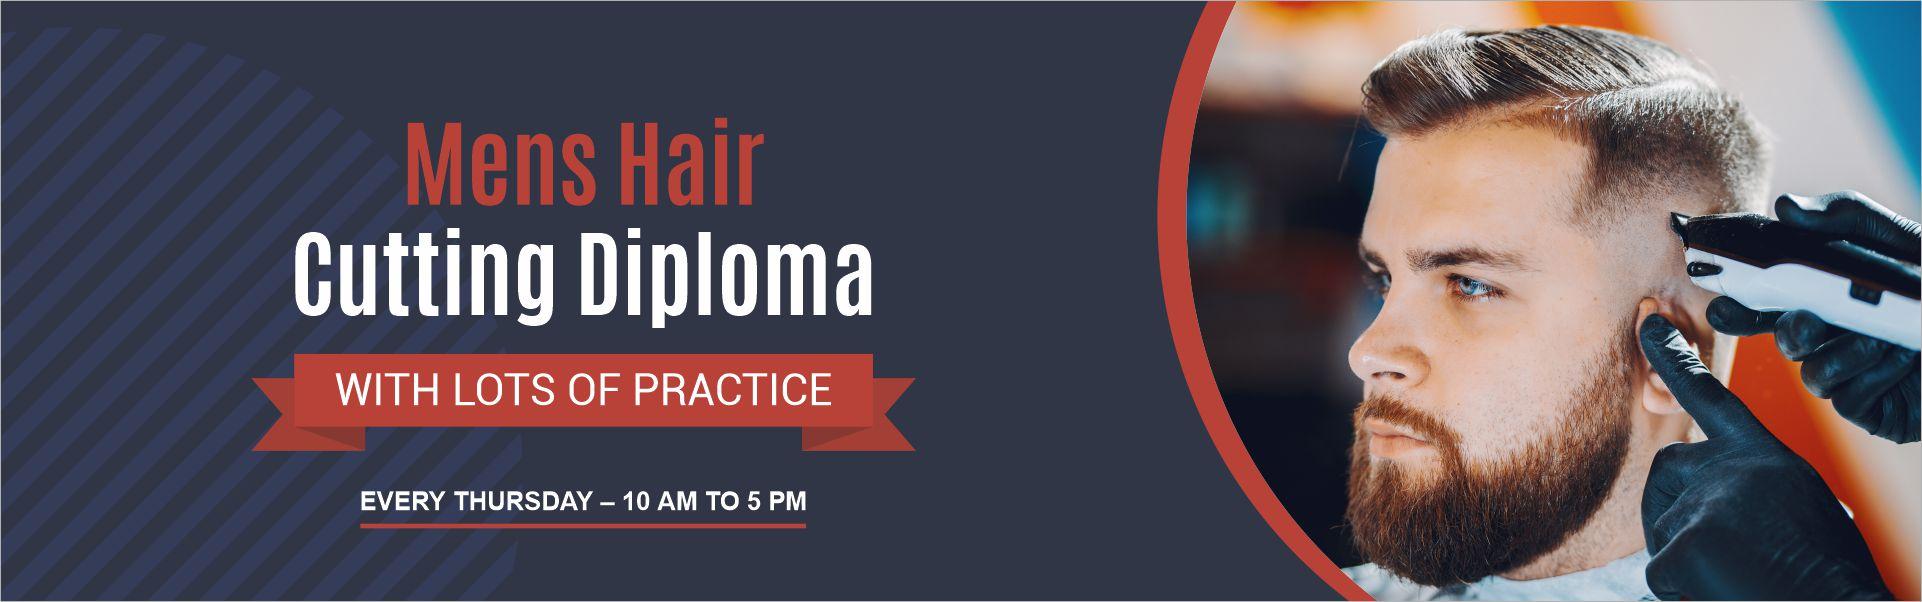 Mens Hair Cutting Diploma